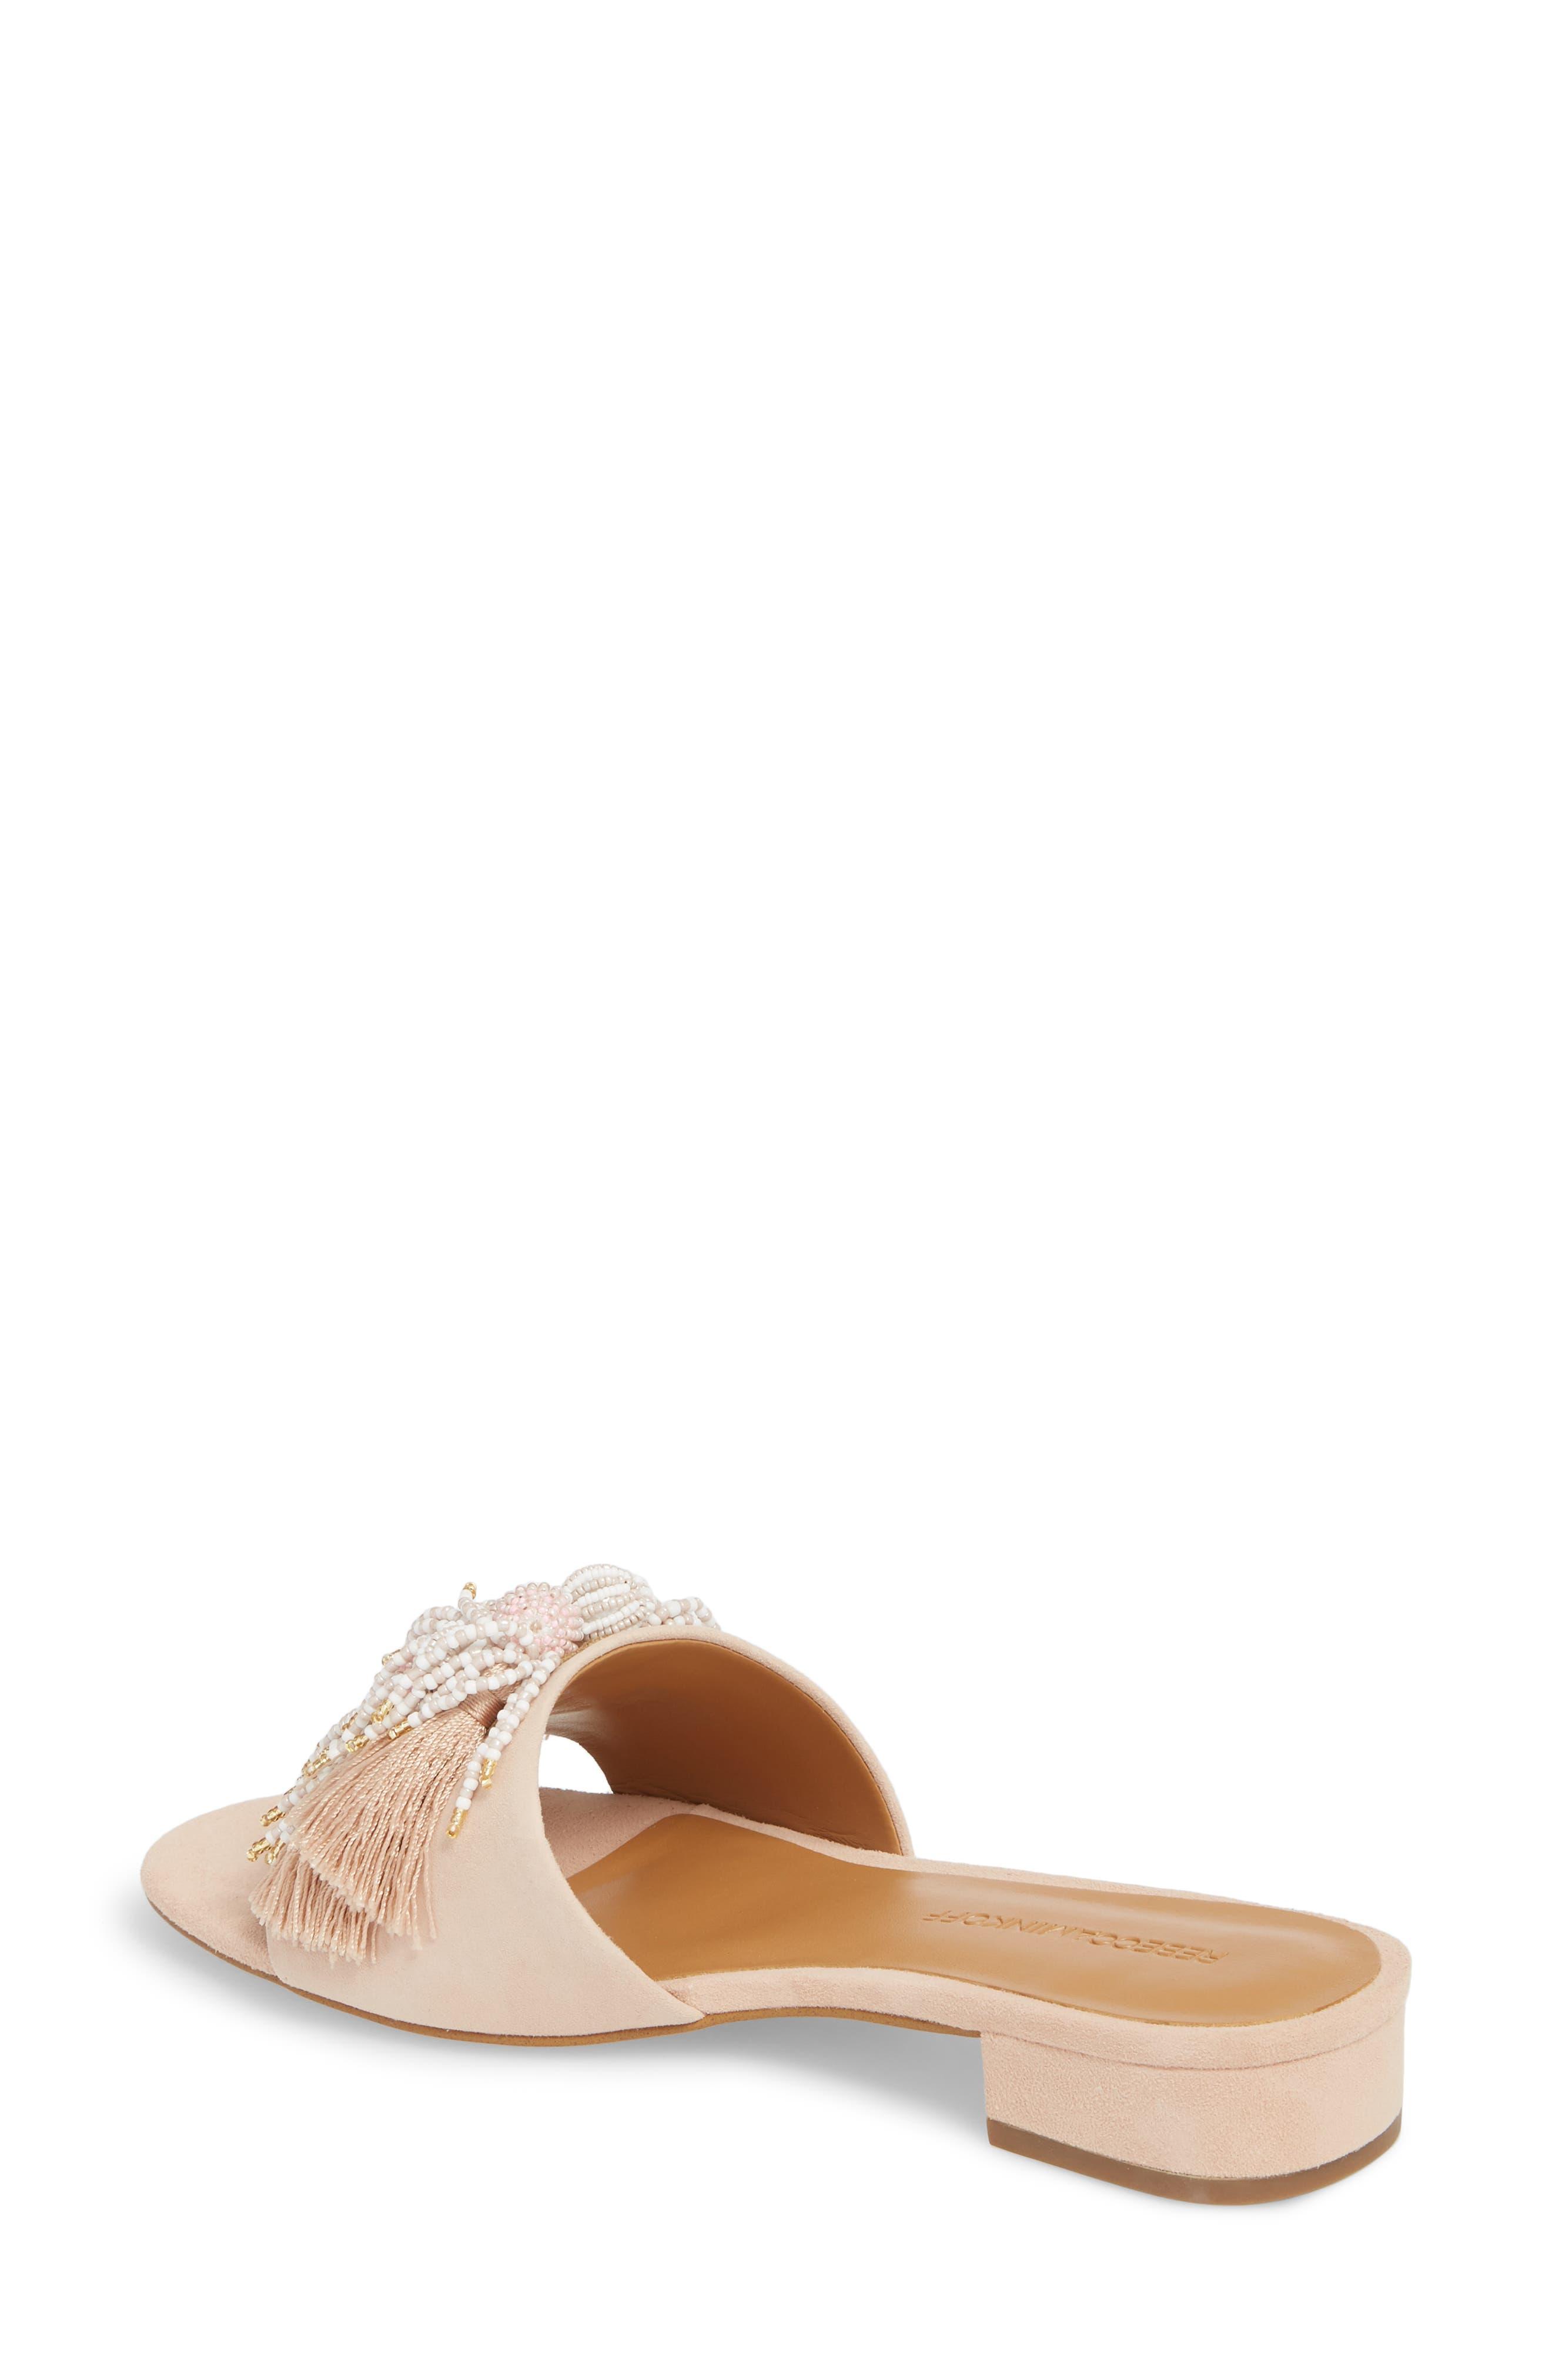 Kayleigh Embellished Slide Sandal,                             Alternate thumbnail 2, color,                             CERAMIC SUEDE